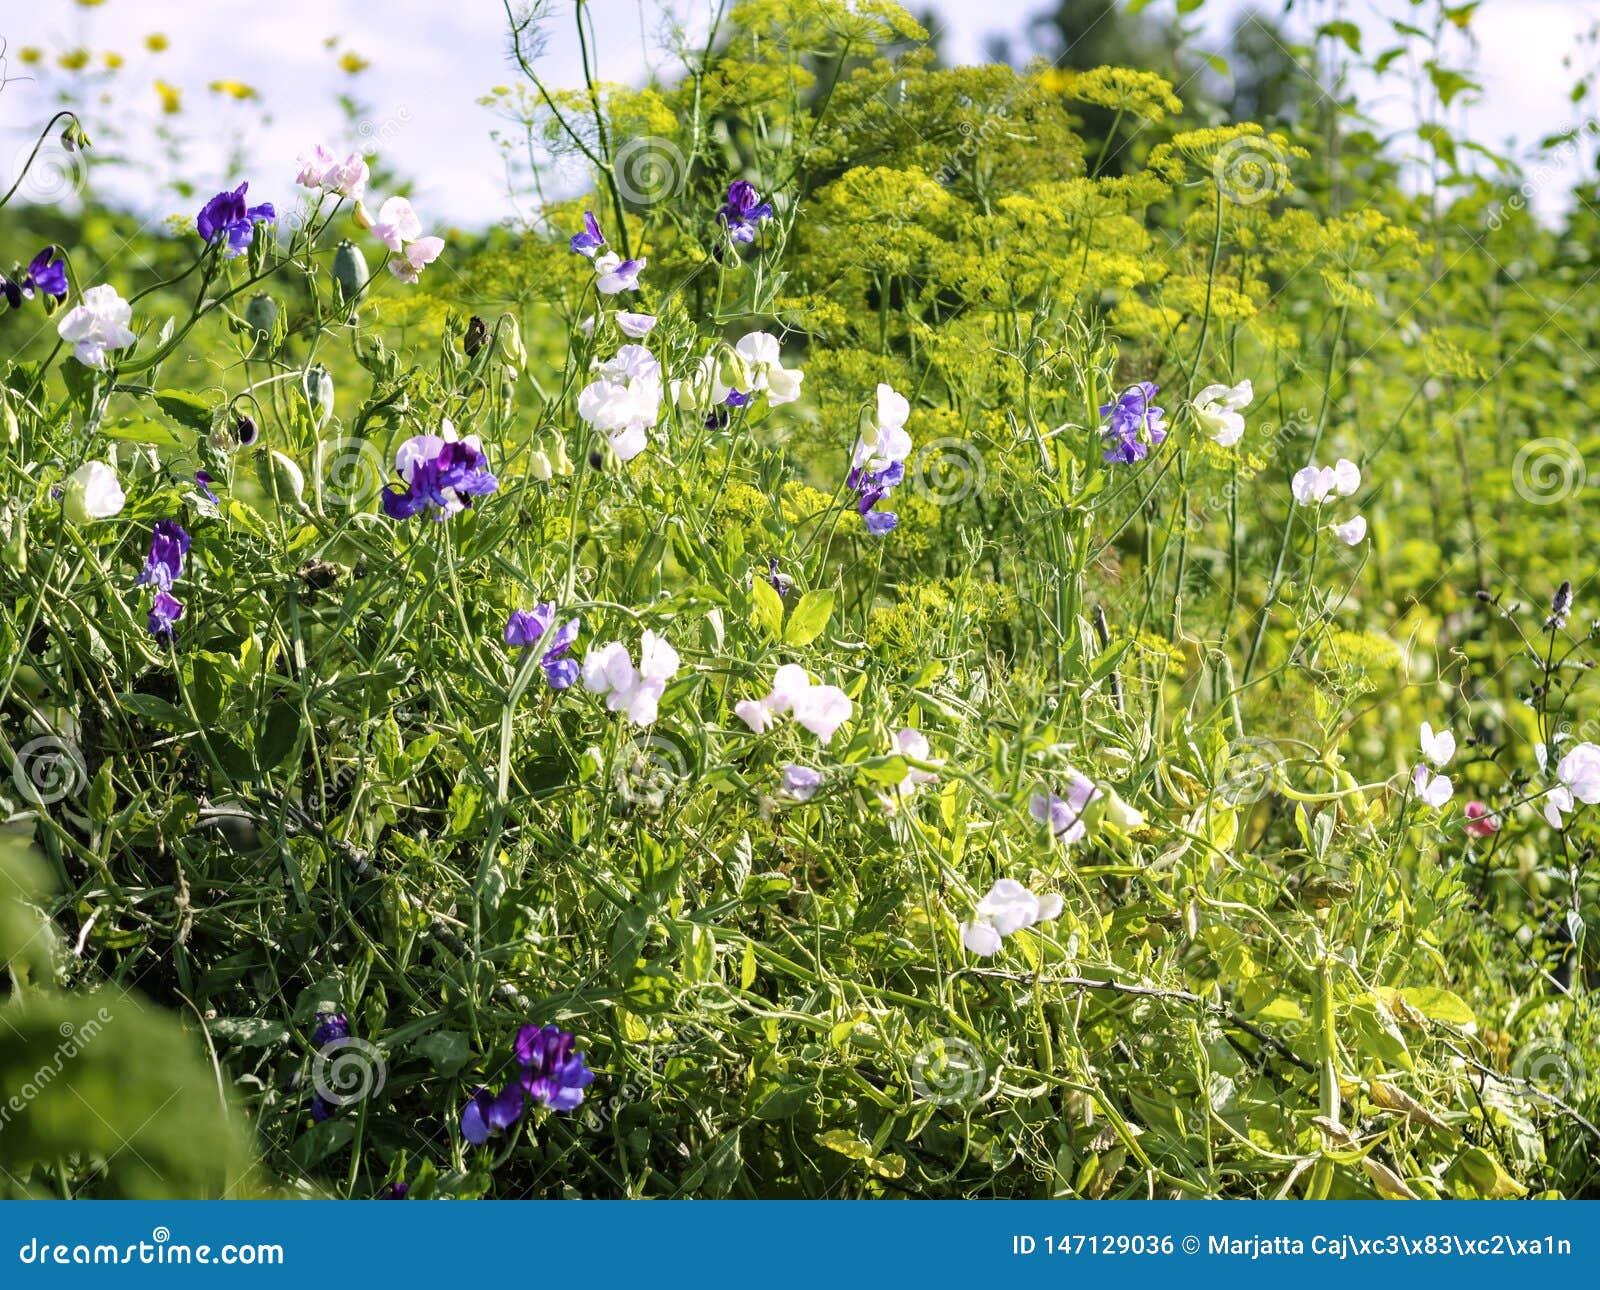 Słodkich grochów Lathyrus odoratus dorośnięcie w ogródzie z koperkowymi Anethum graveolens